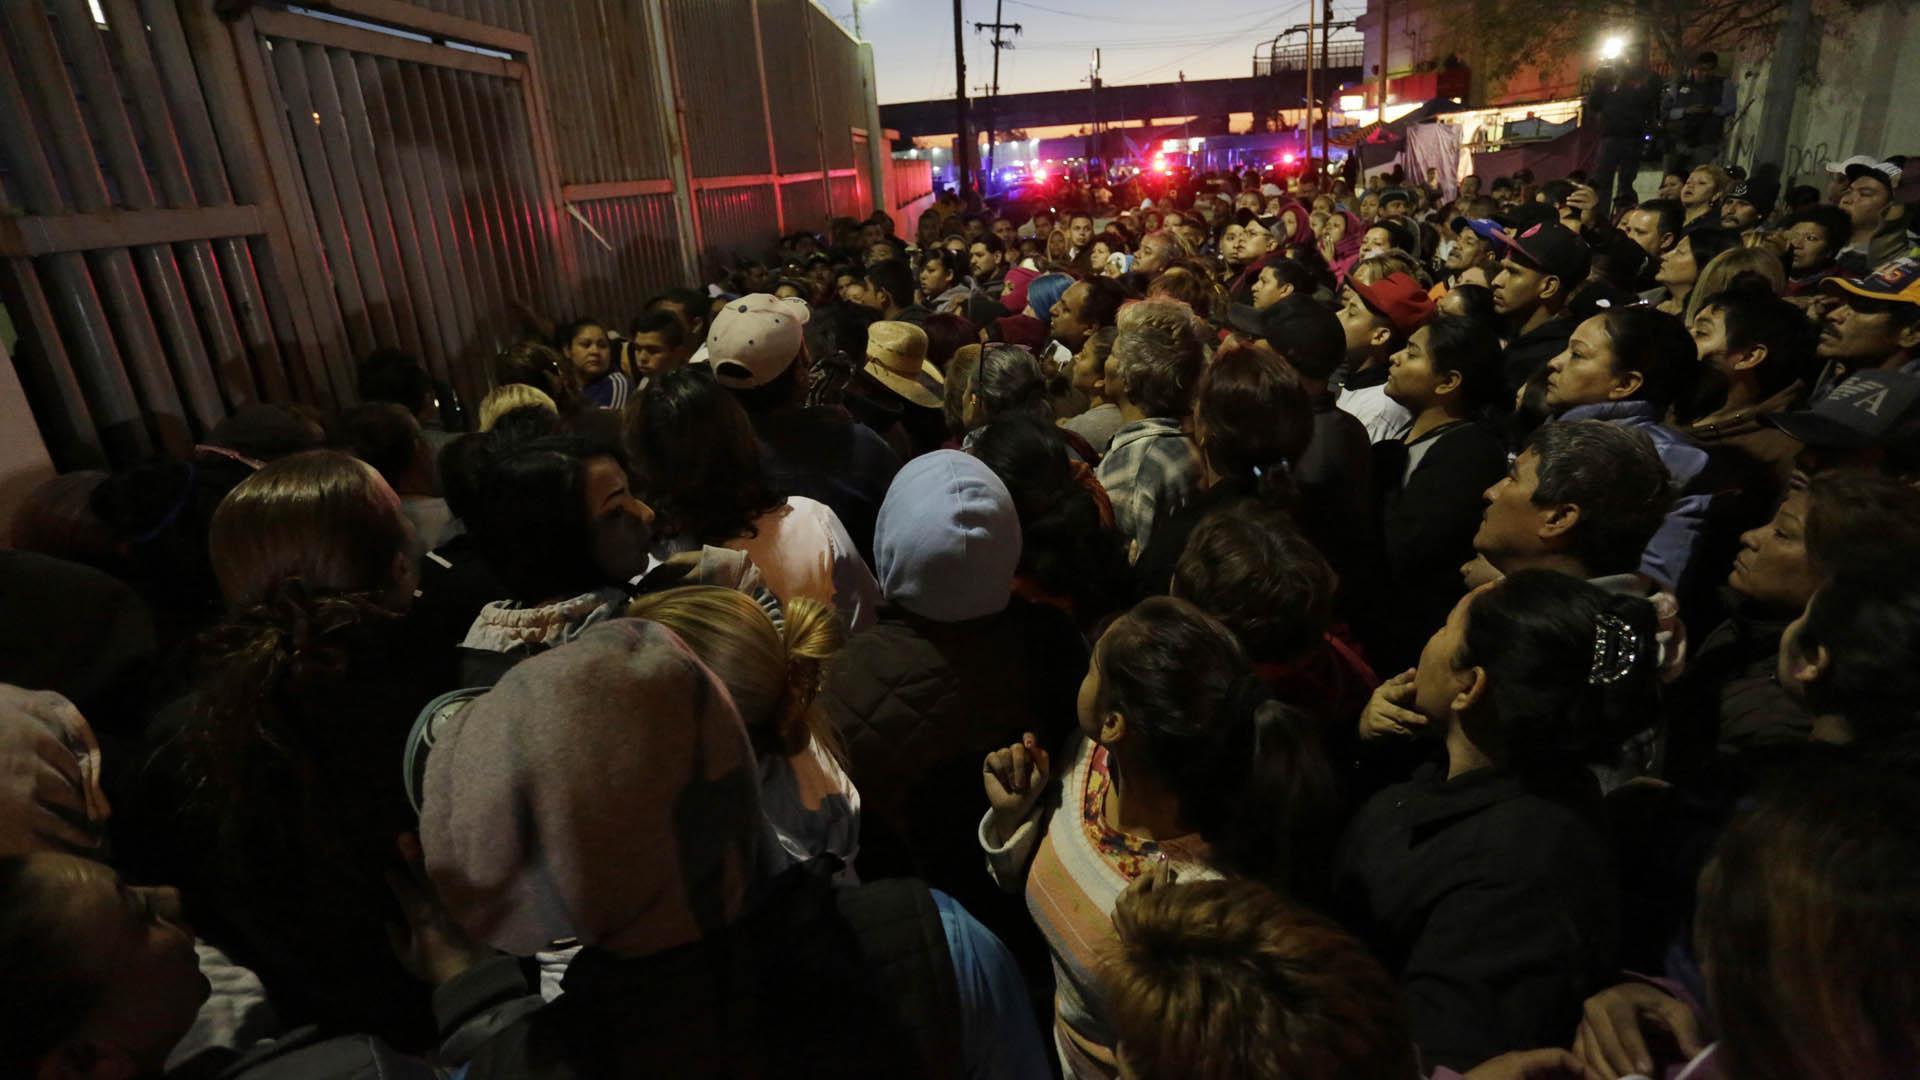 Las autoridades ya controlaron la situación, sin embargo aún no saben el número exacto de víctimas